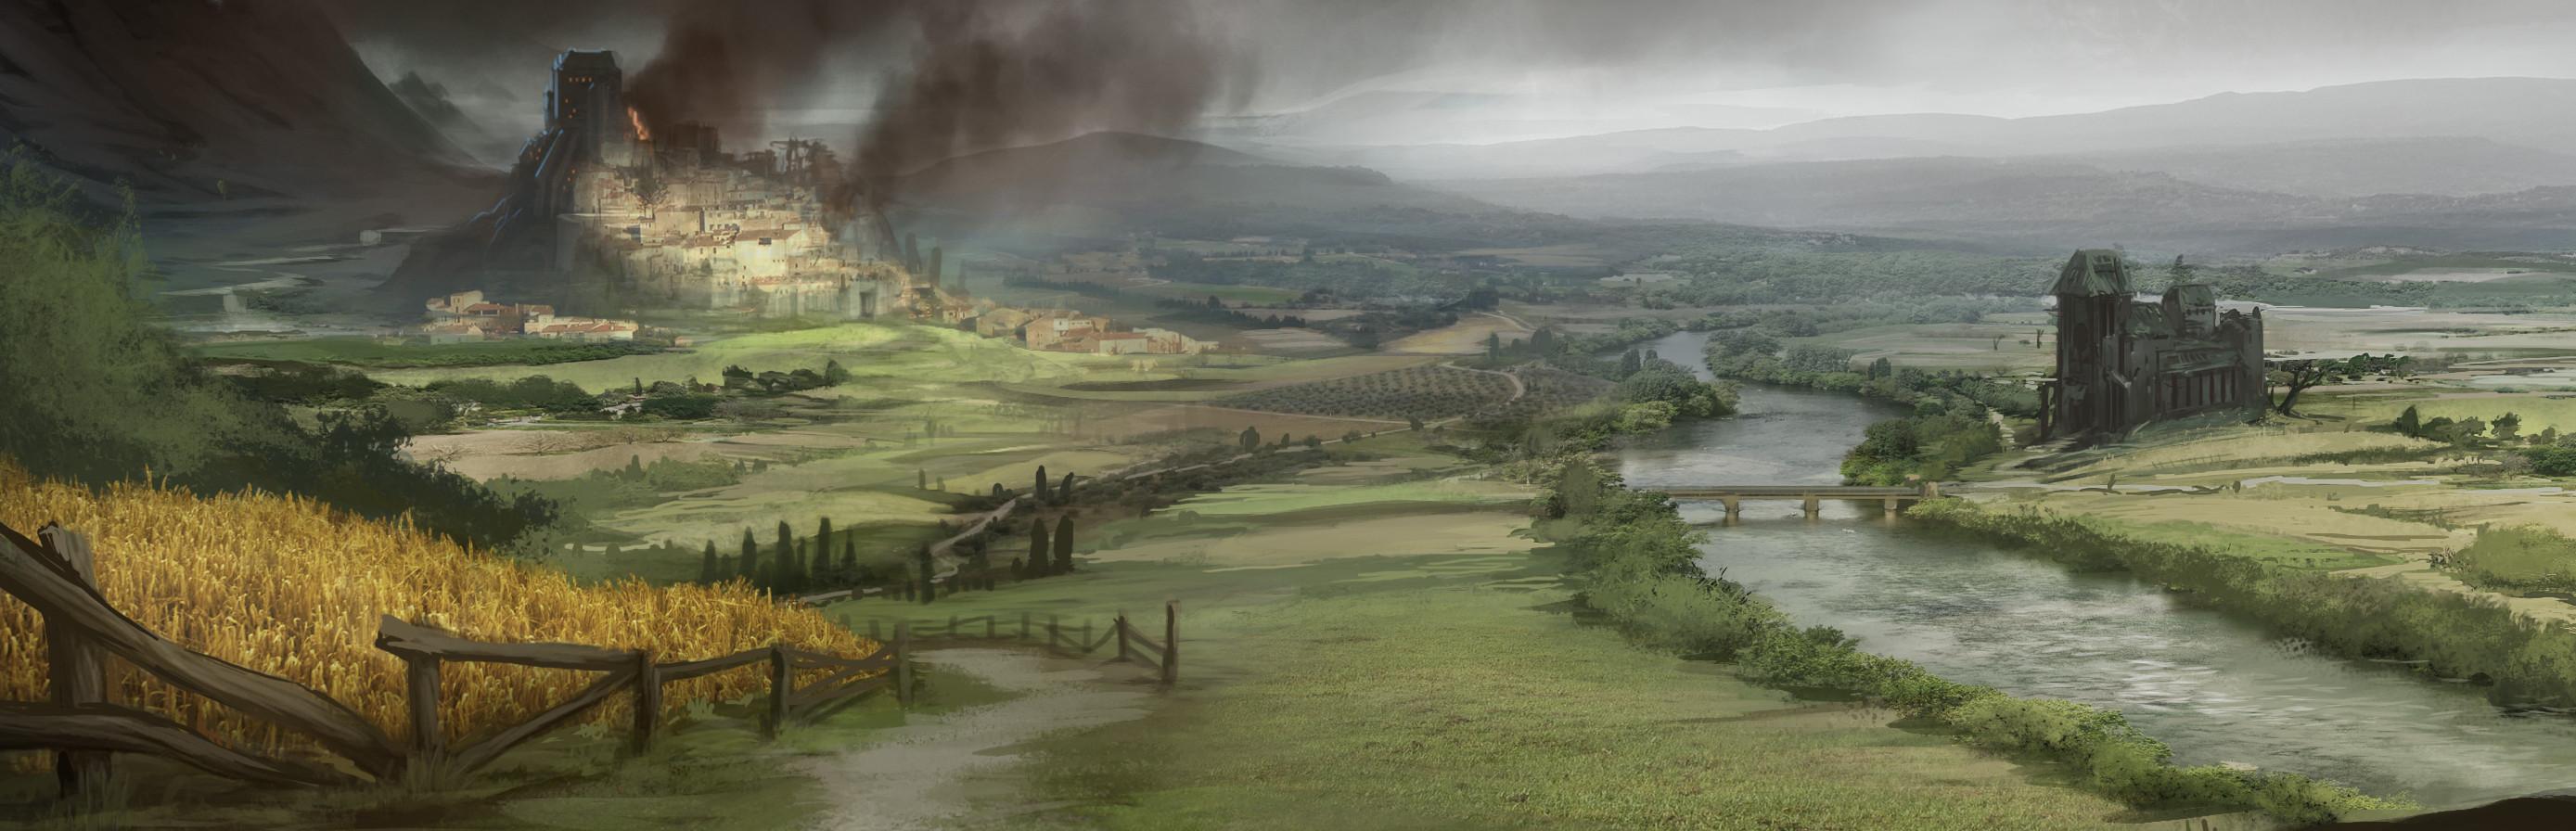 Battle Brothers Landscape Article Header